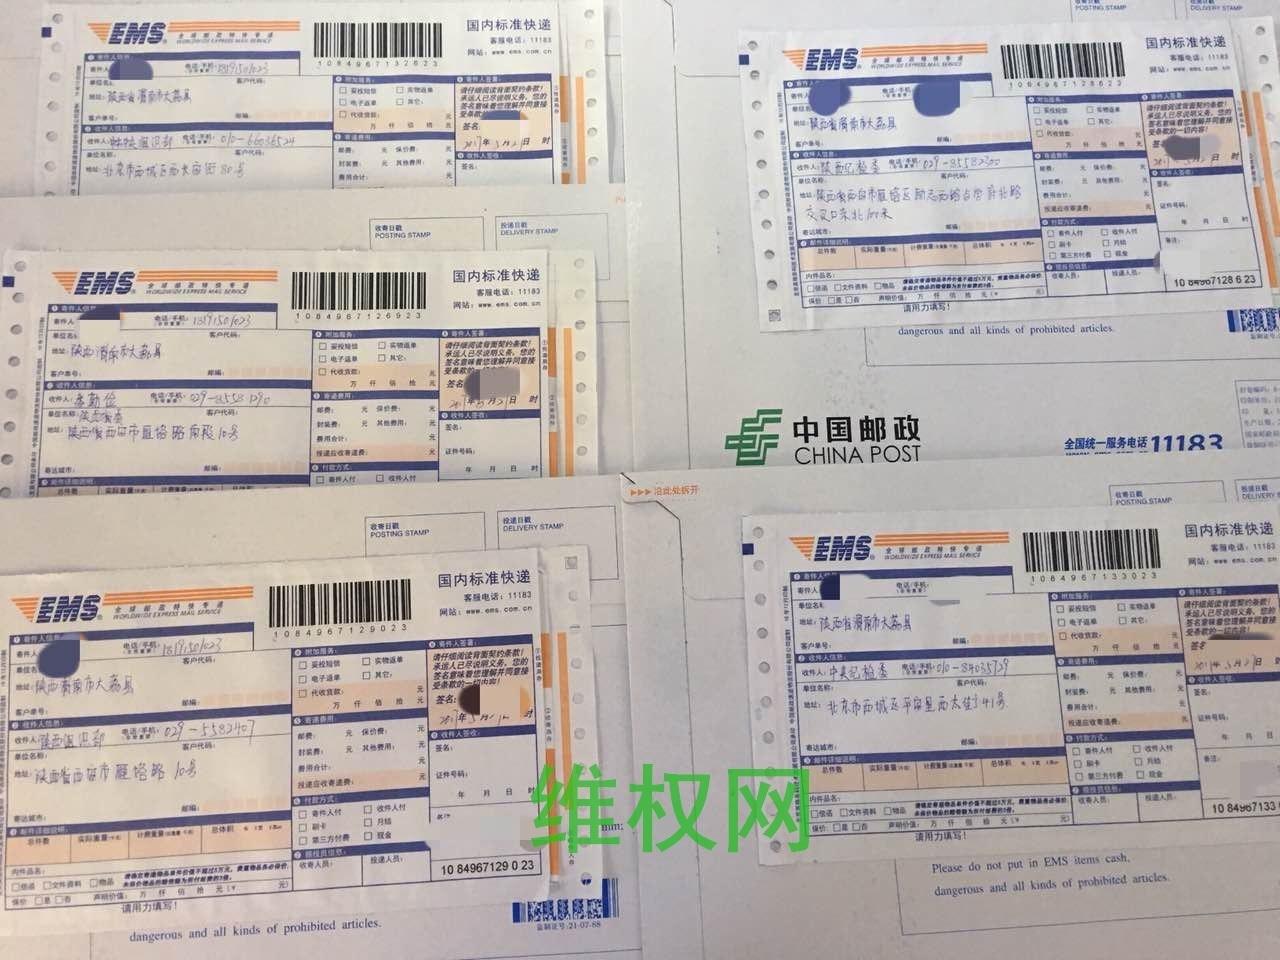 陝西五十名中共黨員公開退黨 引關注